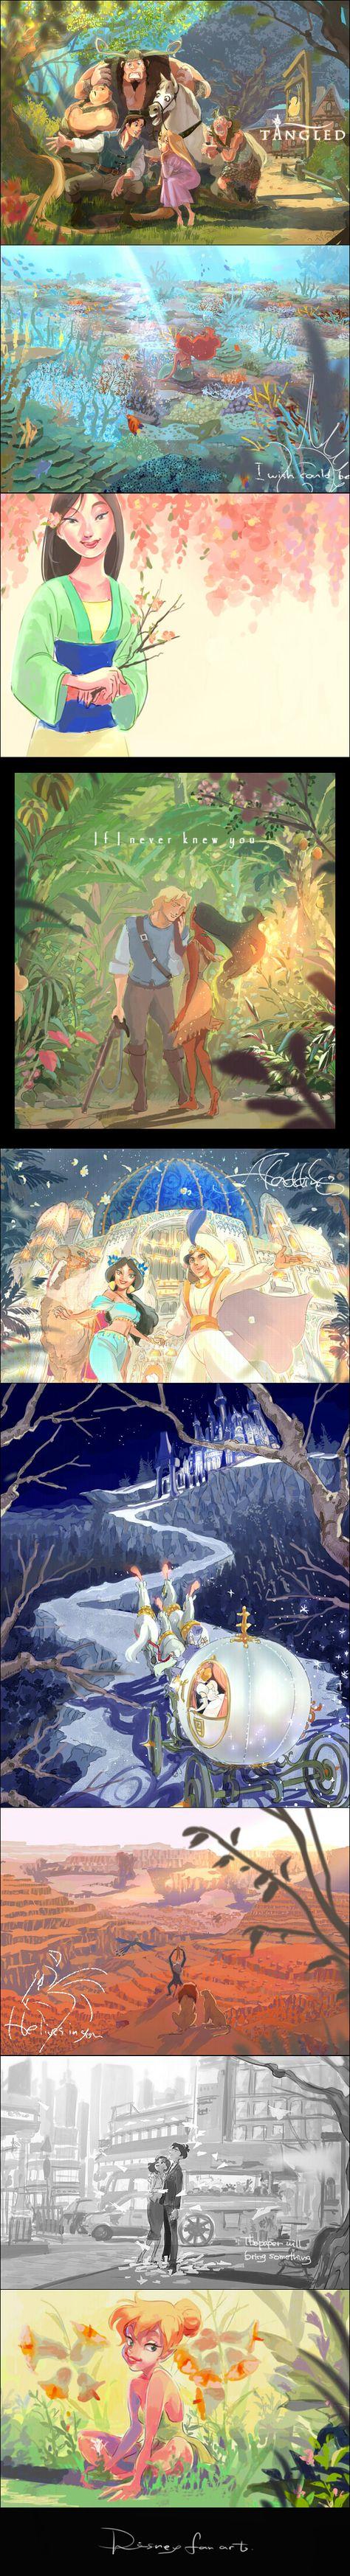 Disney fan art by fukamatsu on DeviantArt